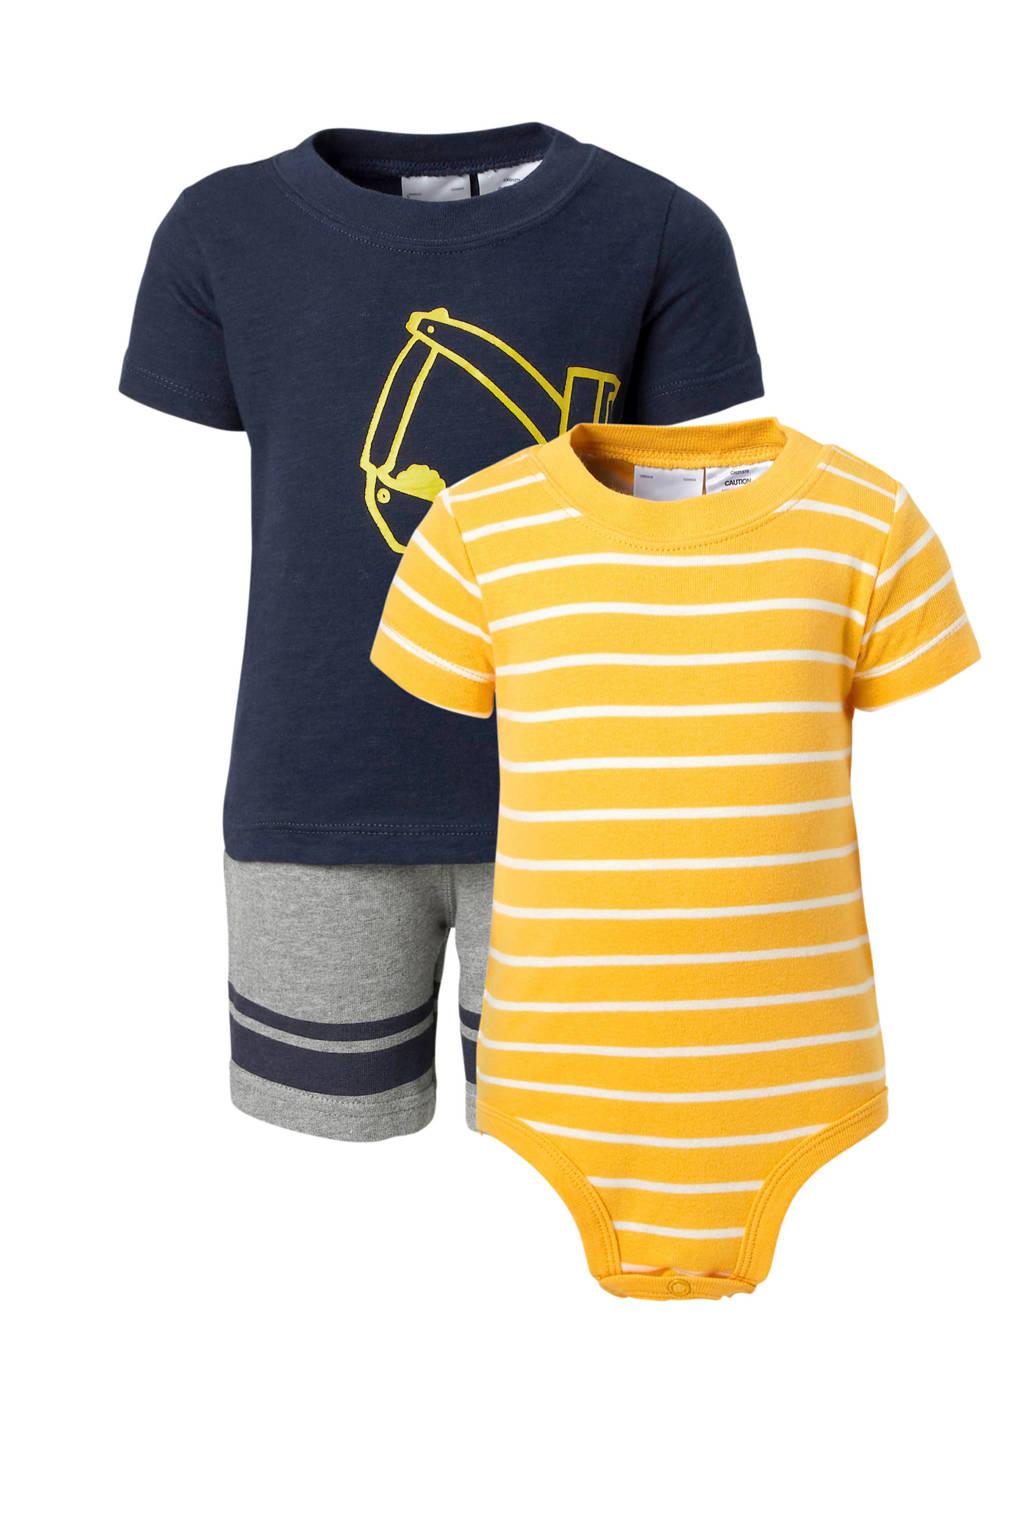 Carter's   baby shortama + romper, Donkerblauw/geel